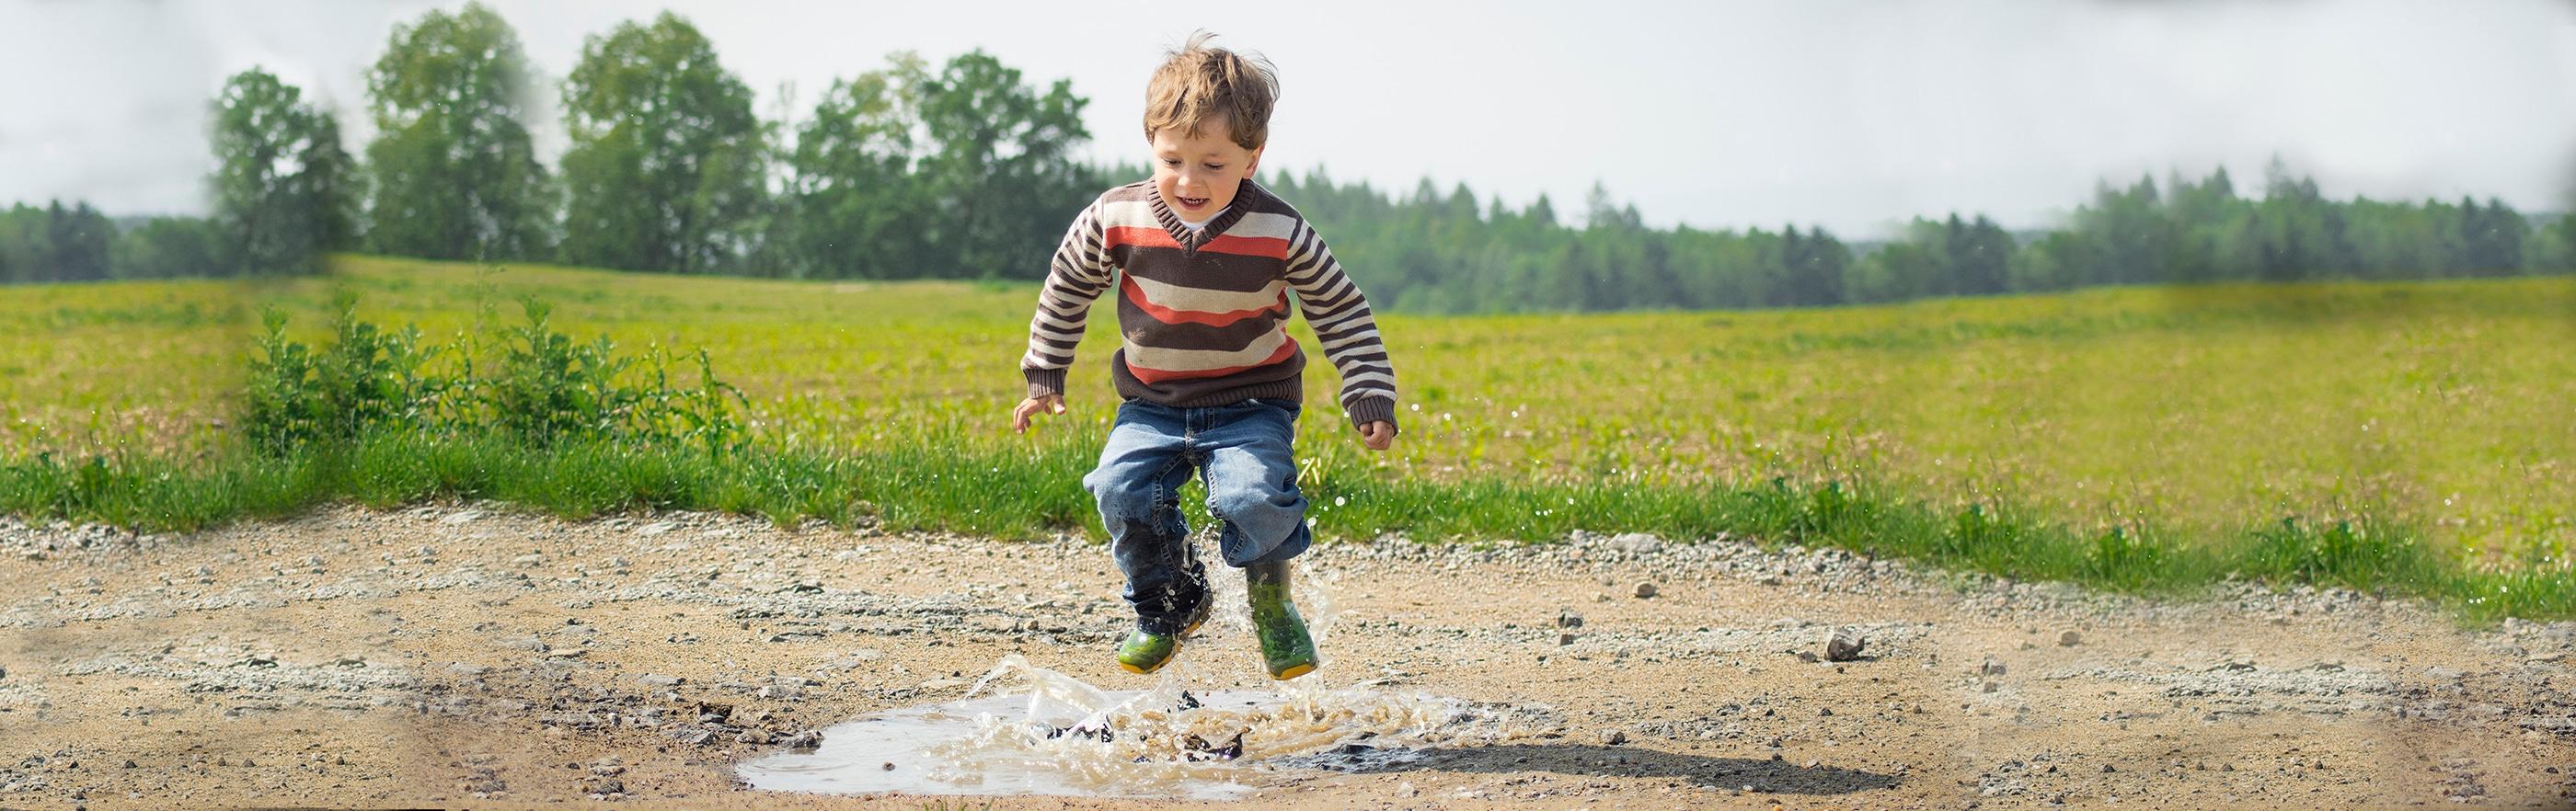 Empower Kids Through Play